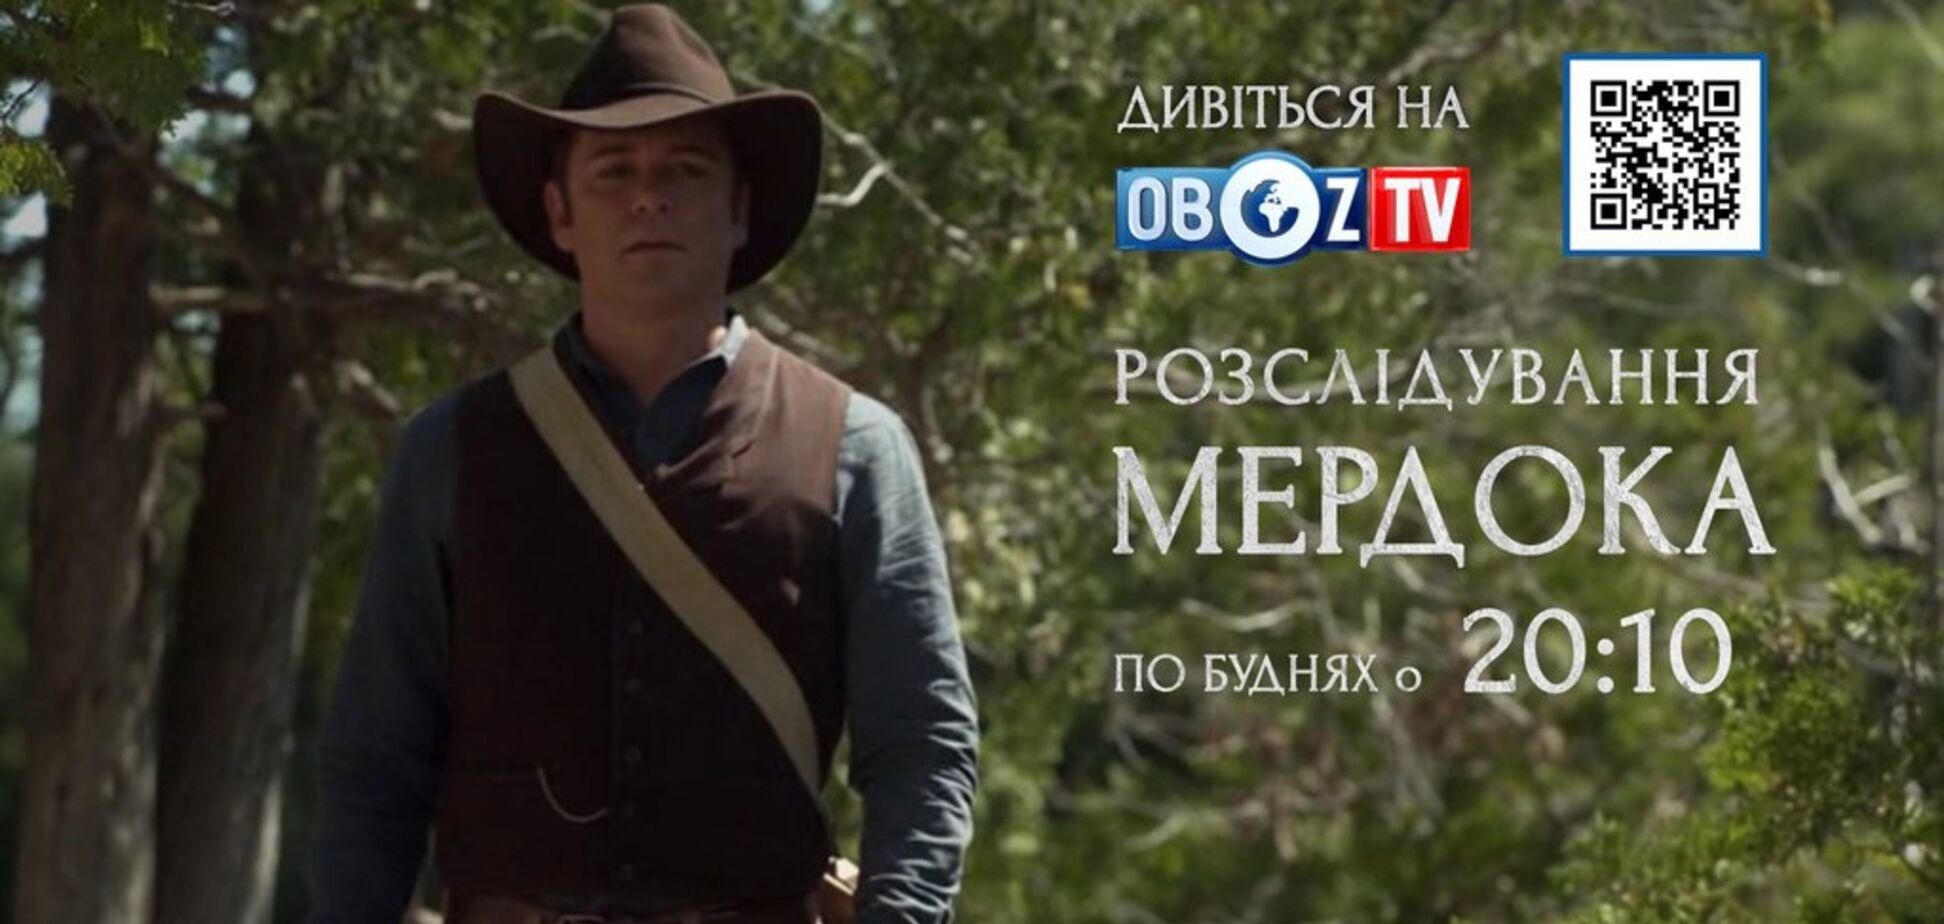 Дивіться на ObozTV серіал 'Розслідування Мердока' – серія 'Літо 1875 року'